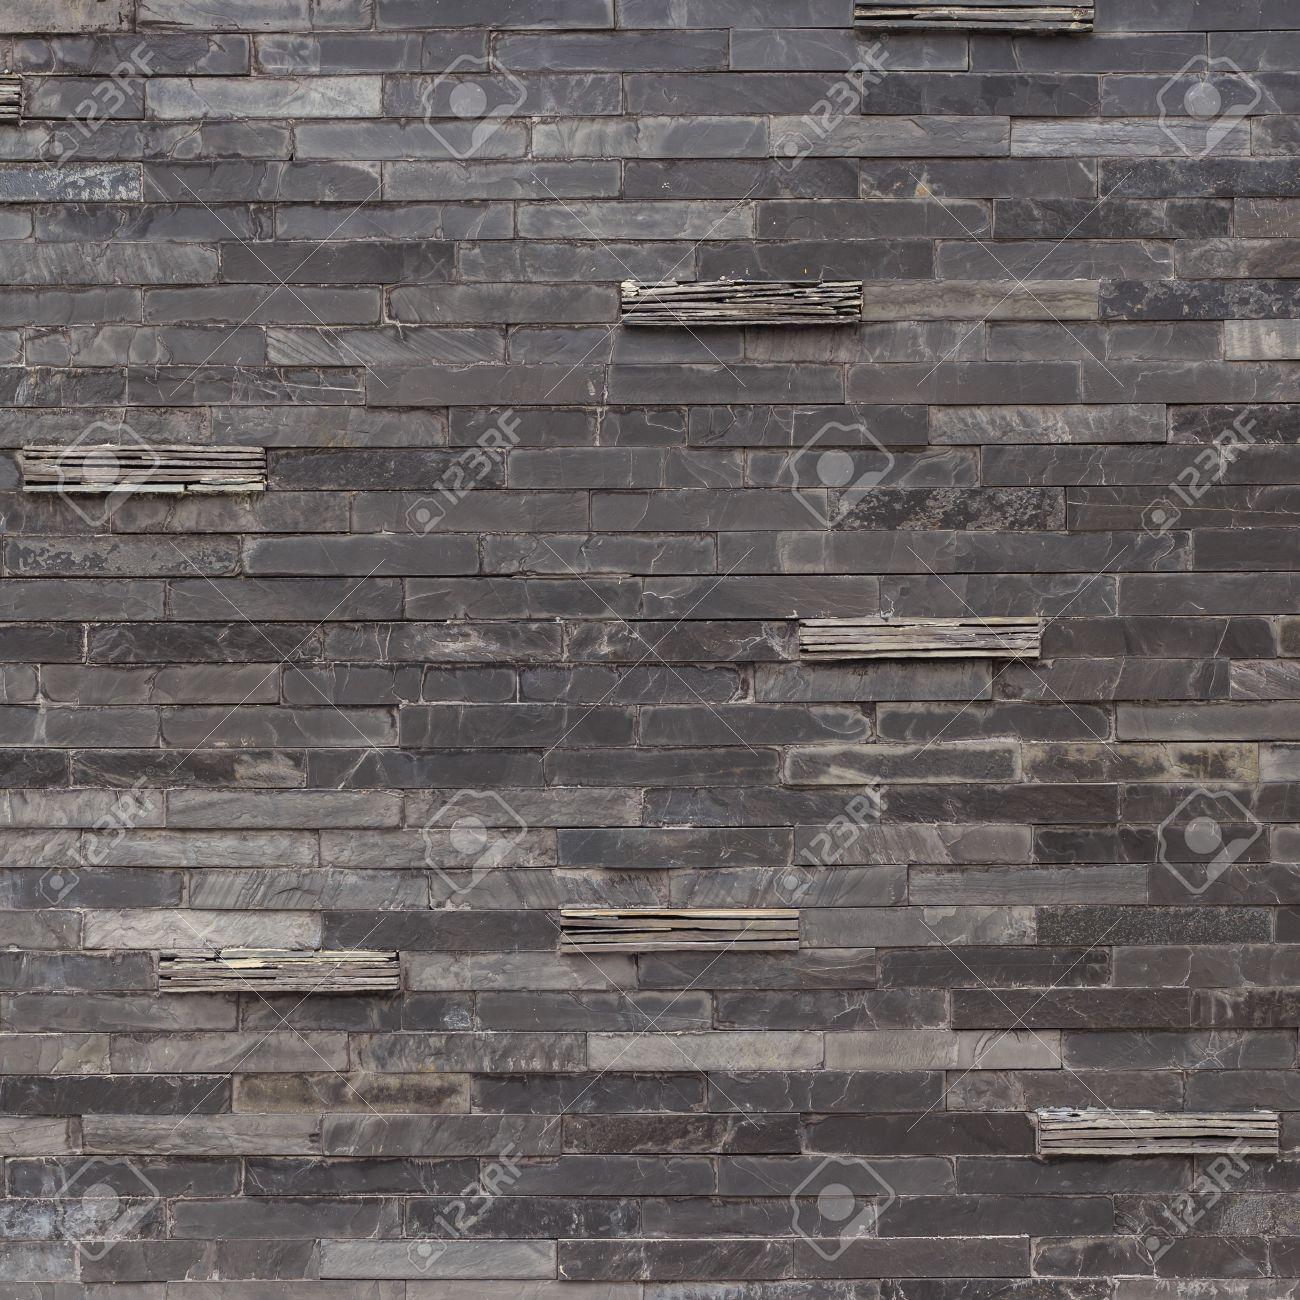 Fliesen schiefer textur  Schwarz Schieferwand Textur Und Hintergrund Lizenzfreie Fotos ...